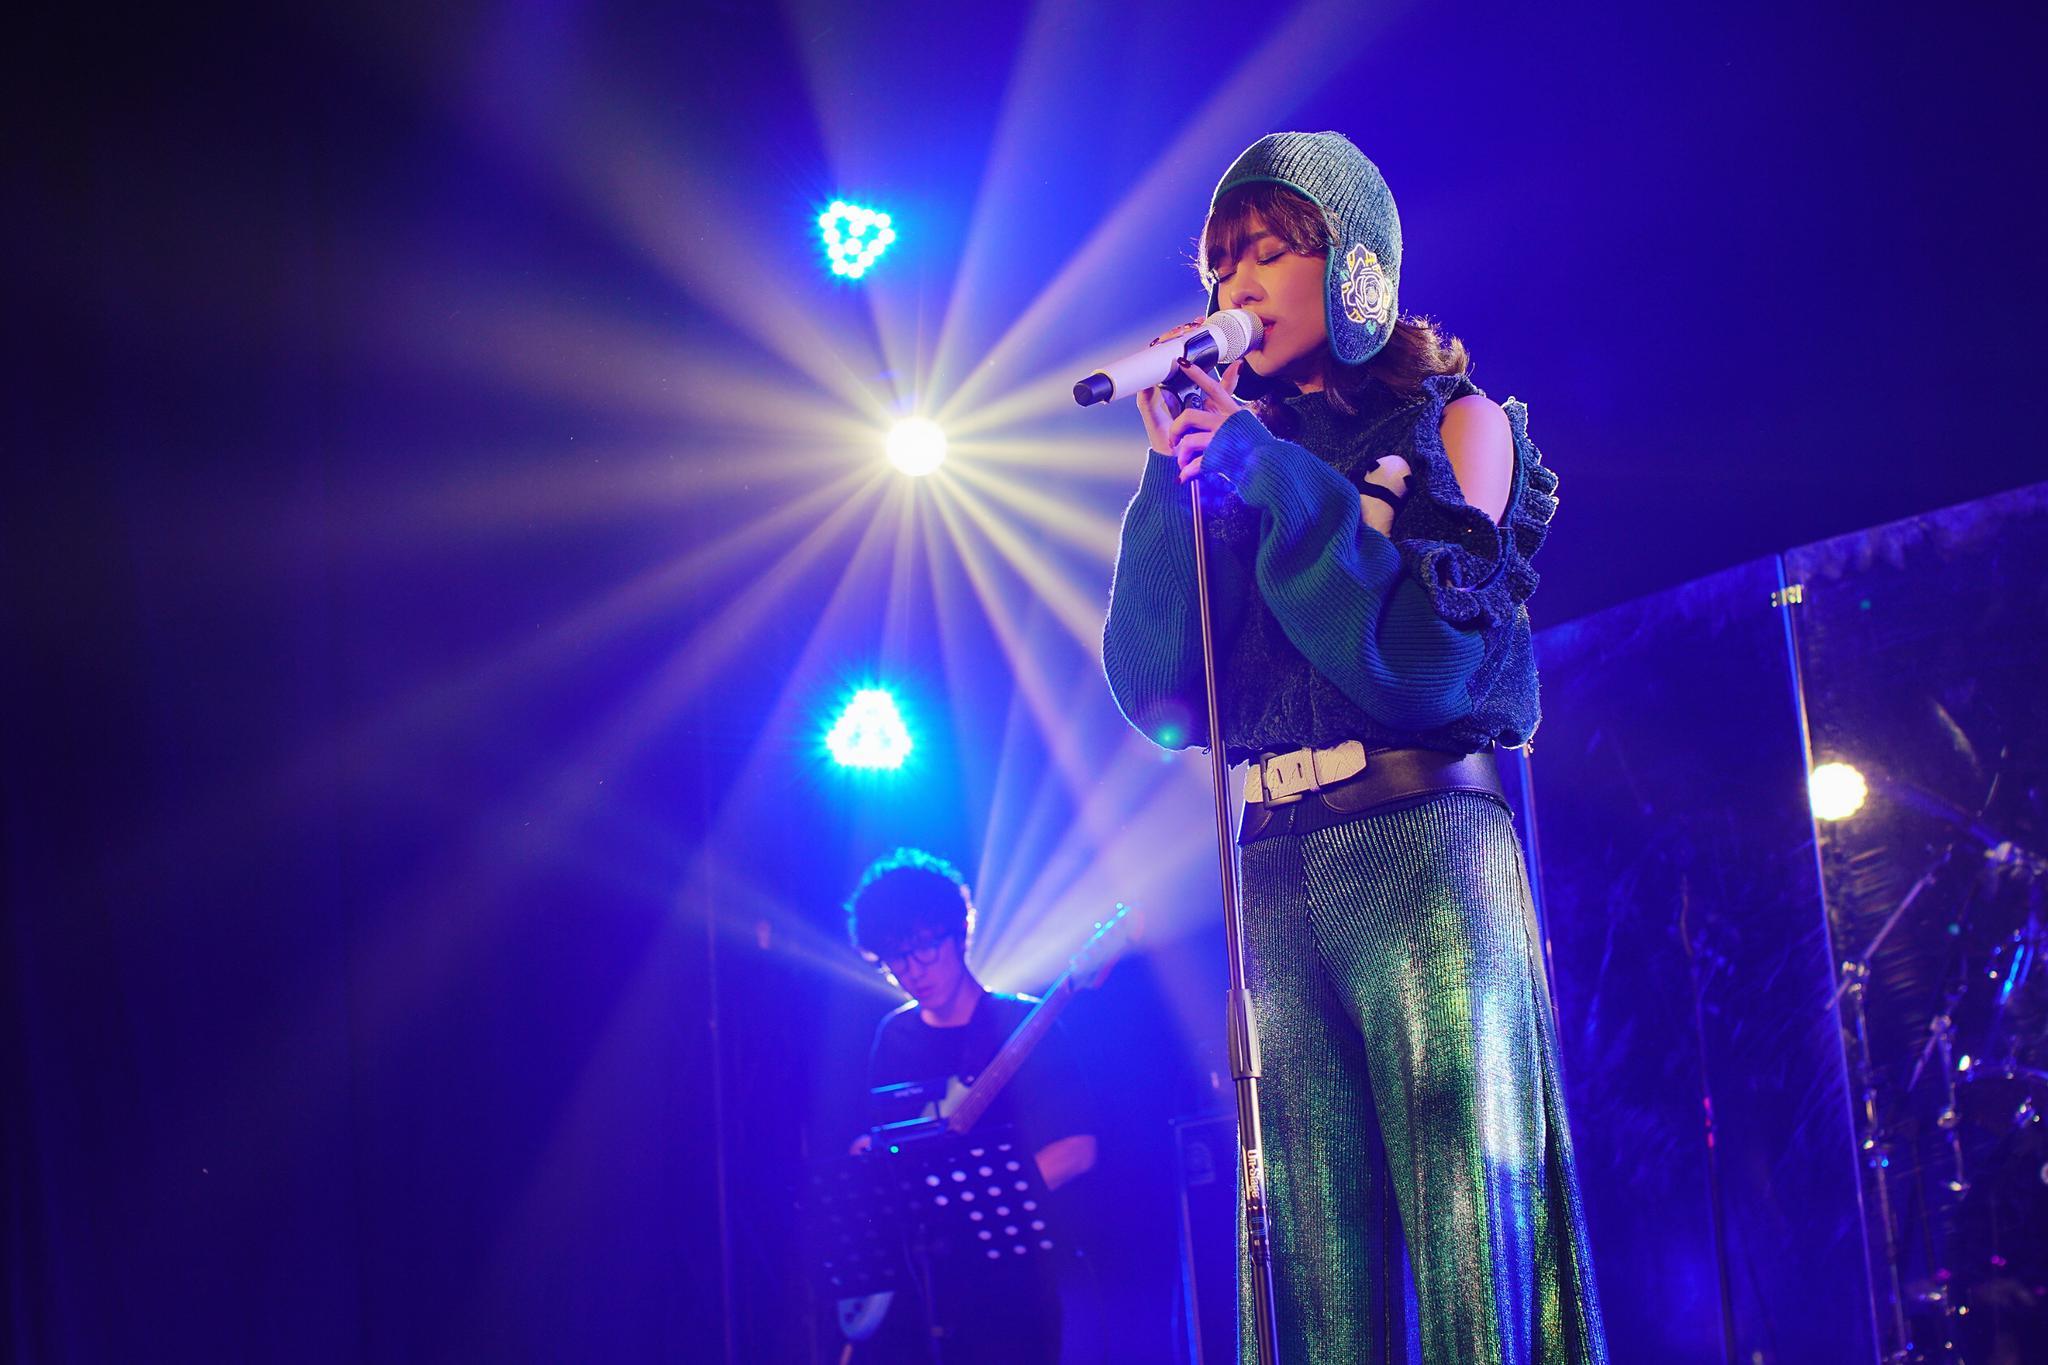 郁可唯巡回签唱会落地南京 用音乐陪伴中秋假期